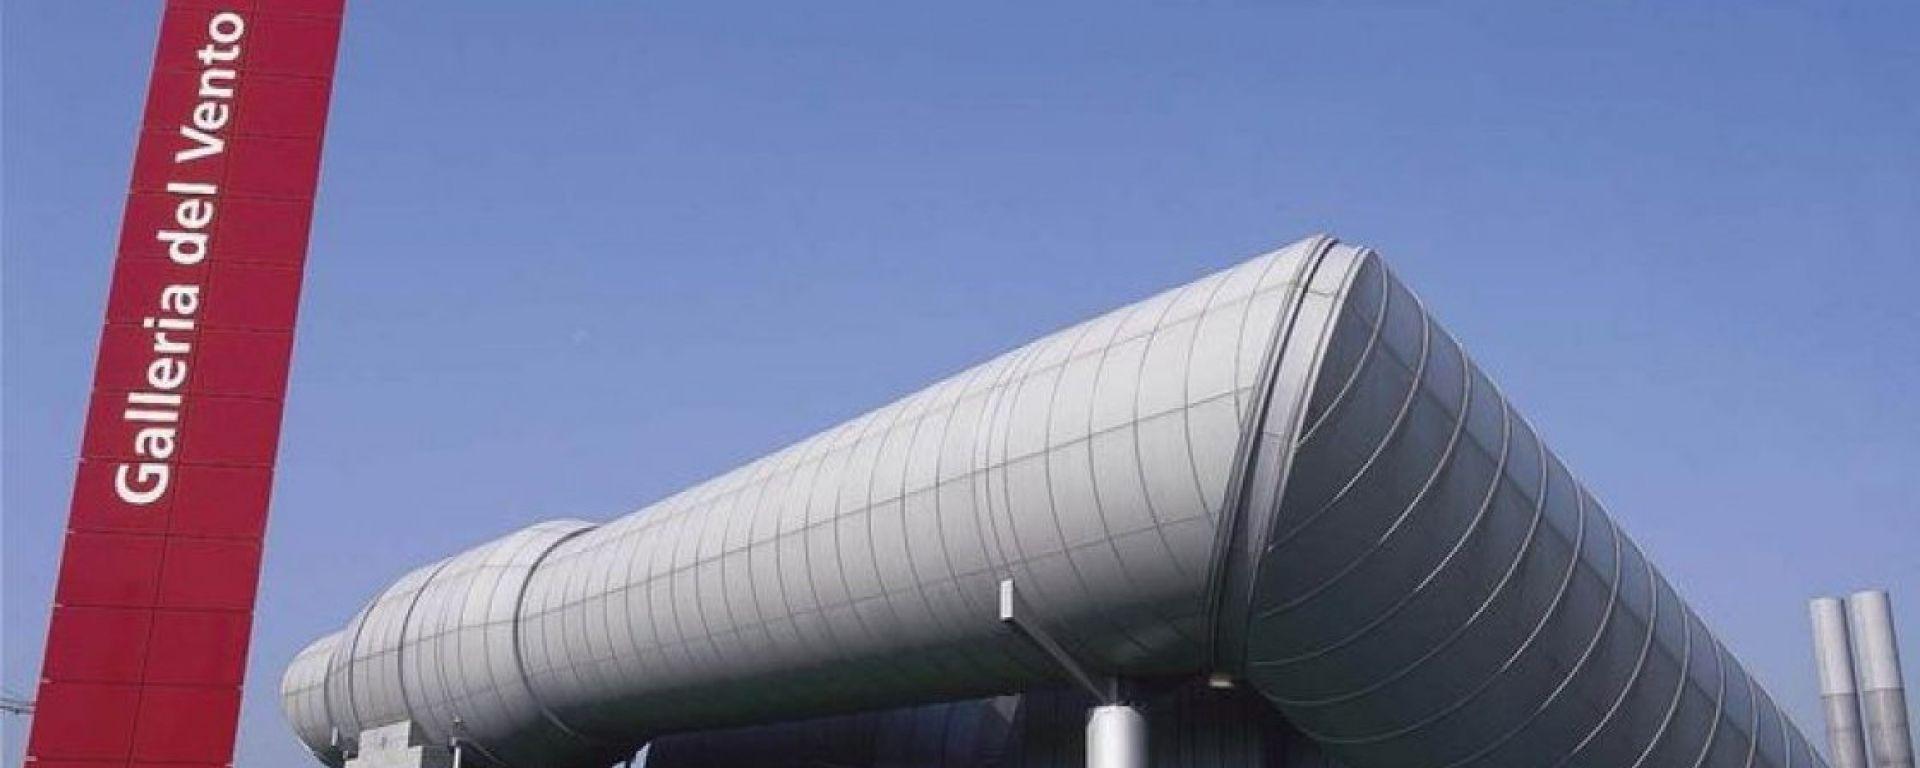 F1: la Galleria del vento della Ferrari a Maranello